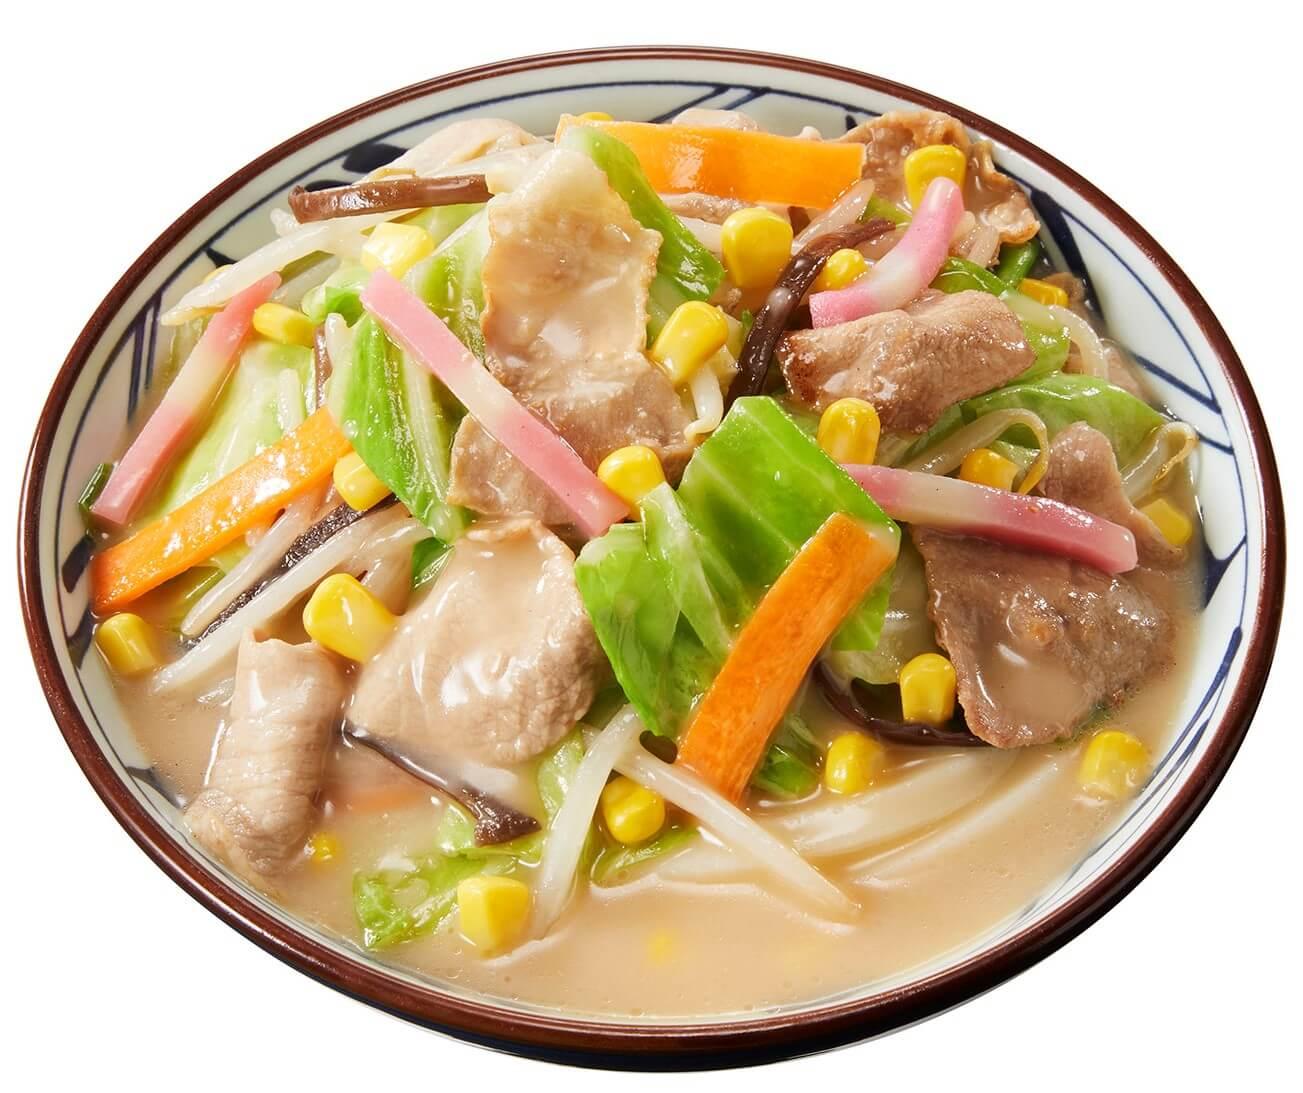 丸亀製麺の『豚ちゃんぽんうどん』